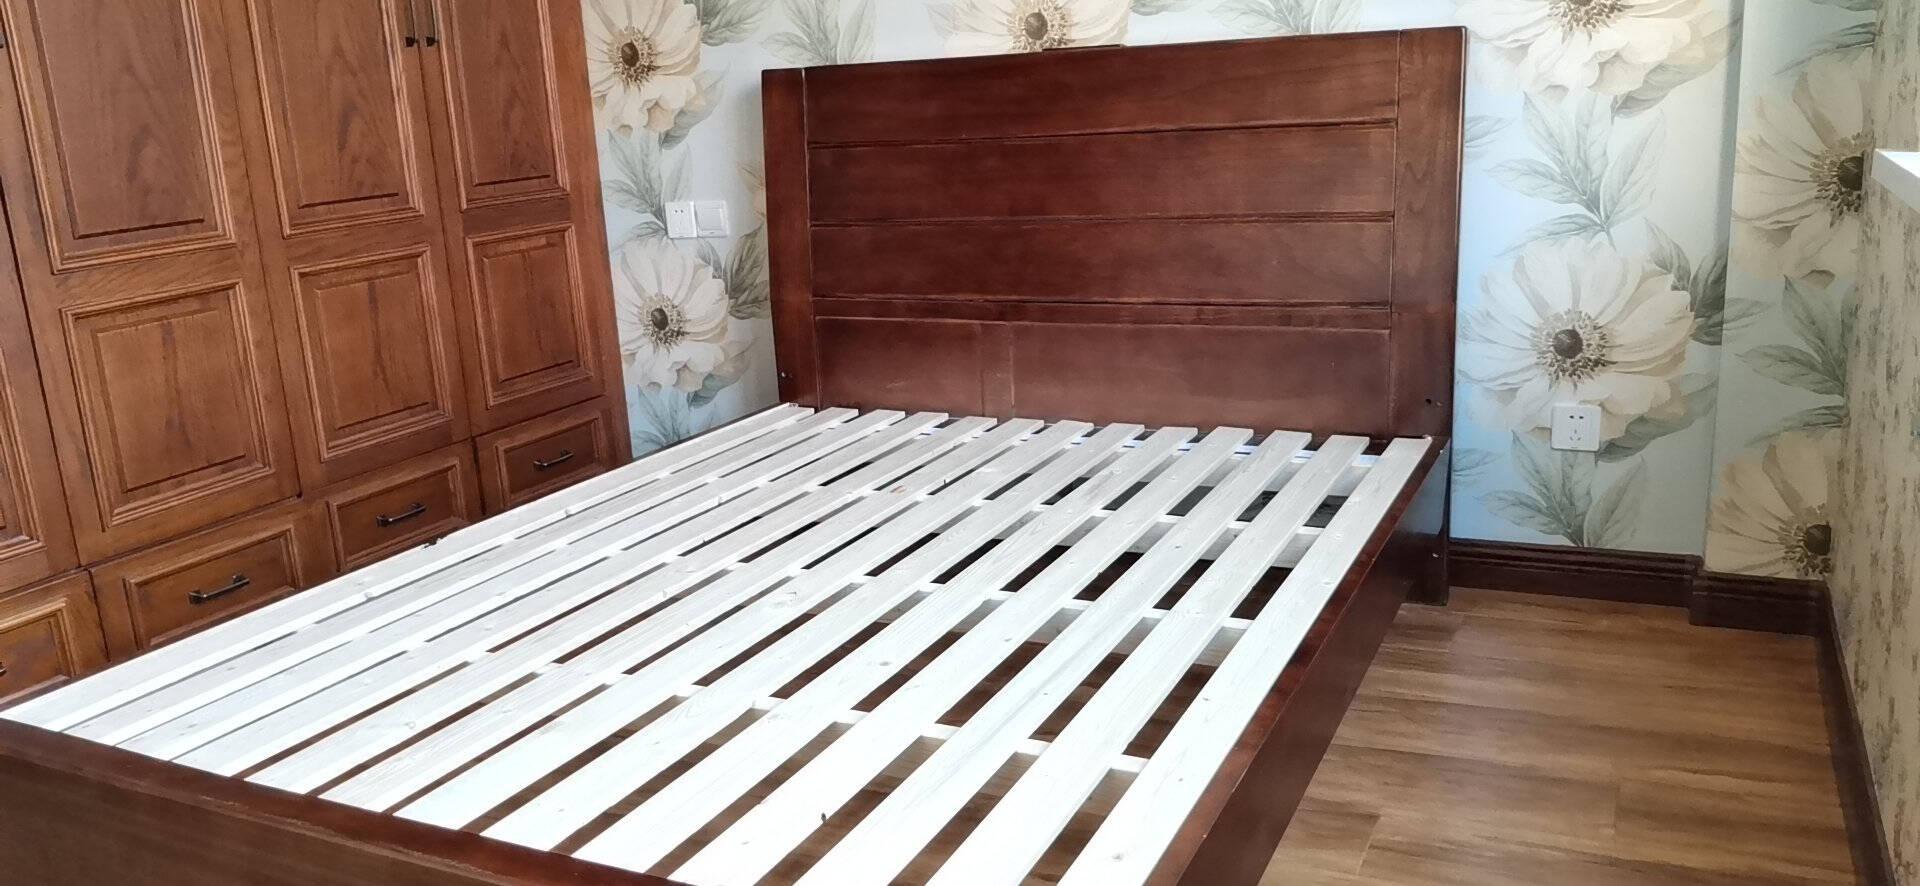 【爆款直降】丽巢床实木床中式胡桃木单双人床大床卧室皮床家具婚床6606普通款单床(备注1.5米/1.8米)